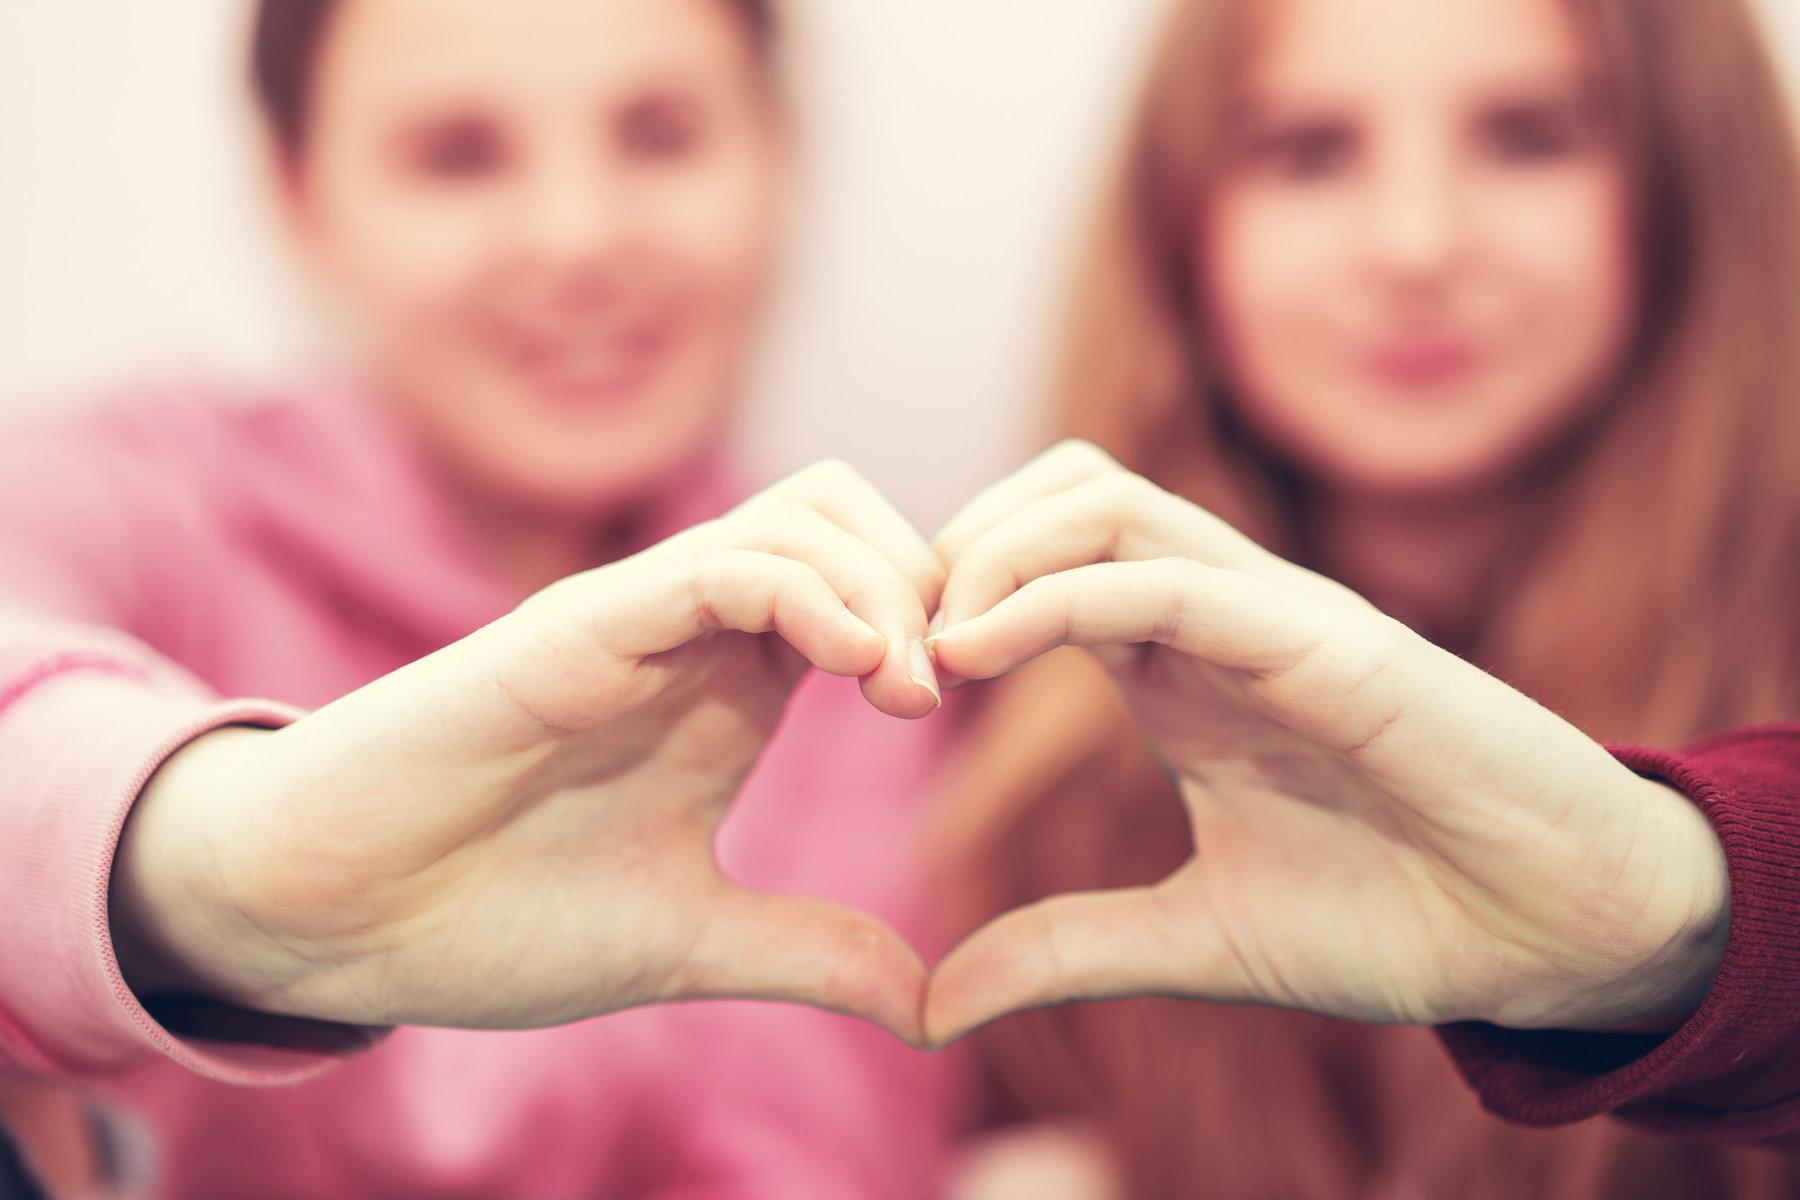 Freundinnen zeigen ein Herz